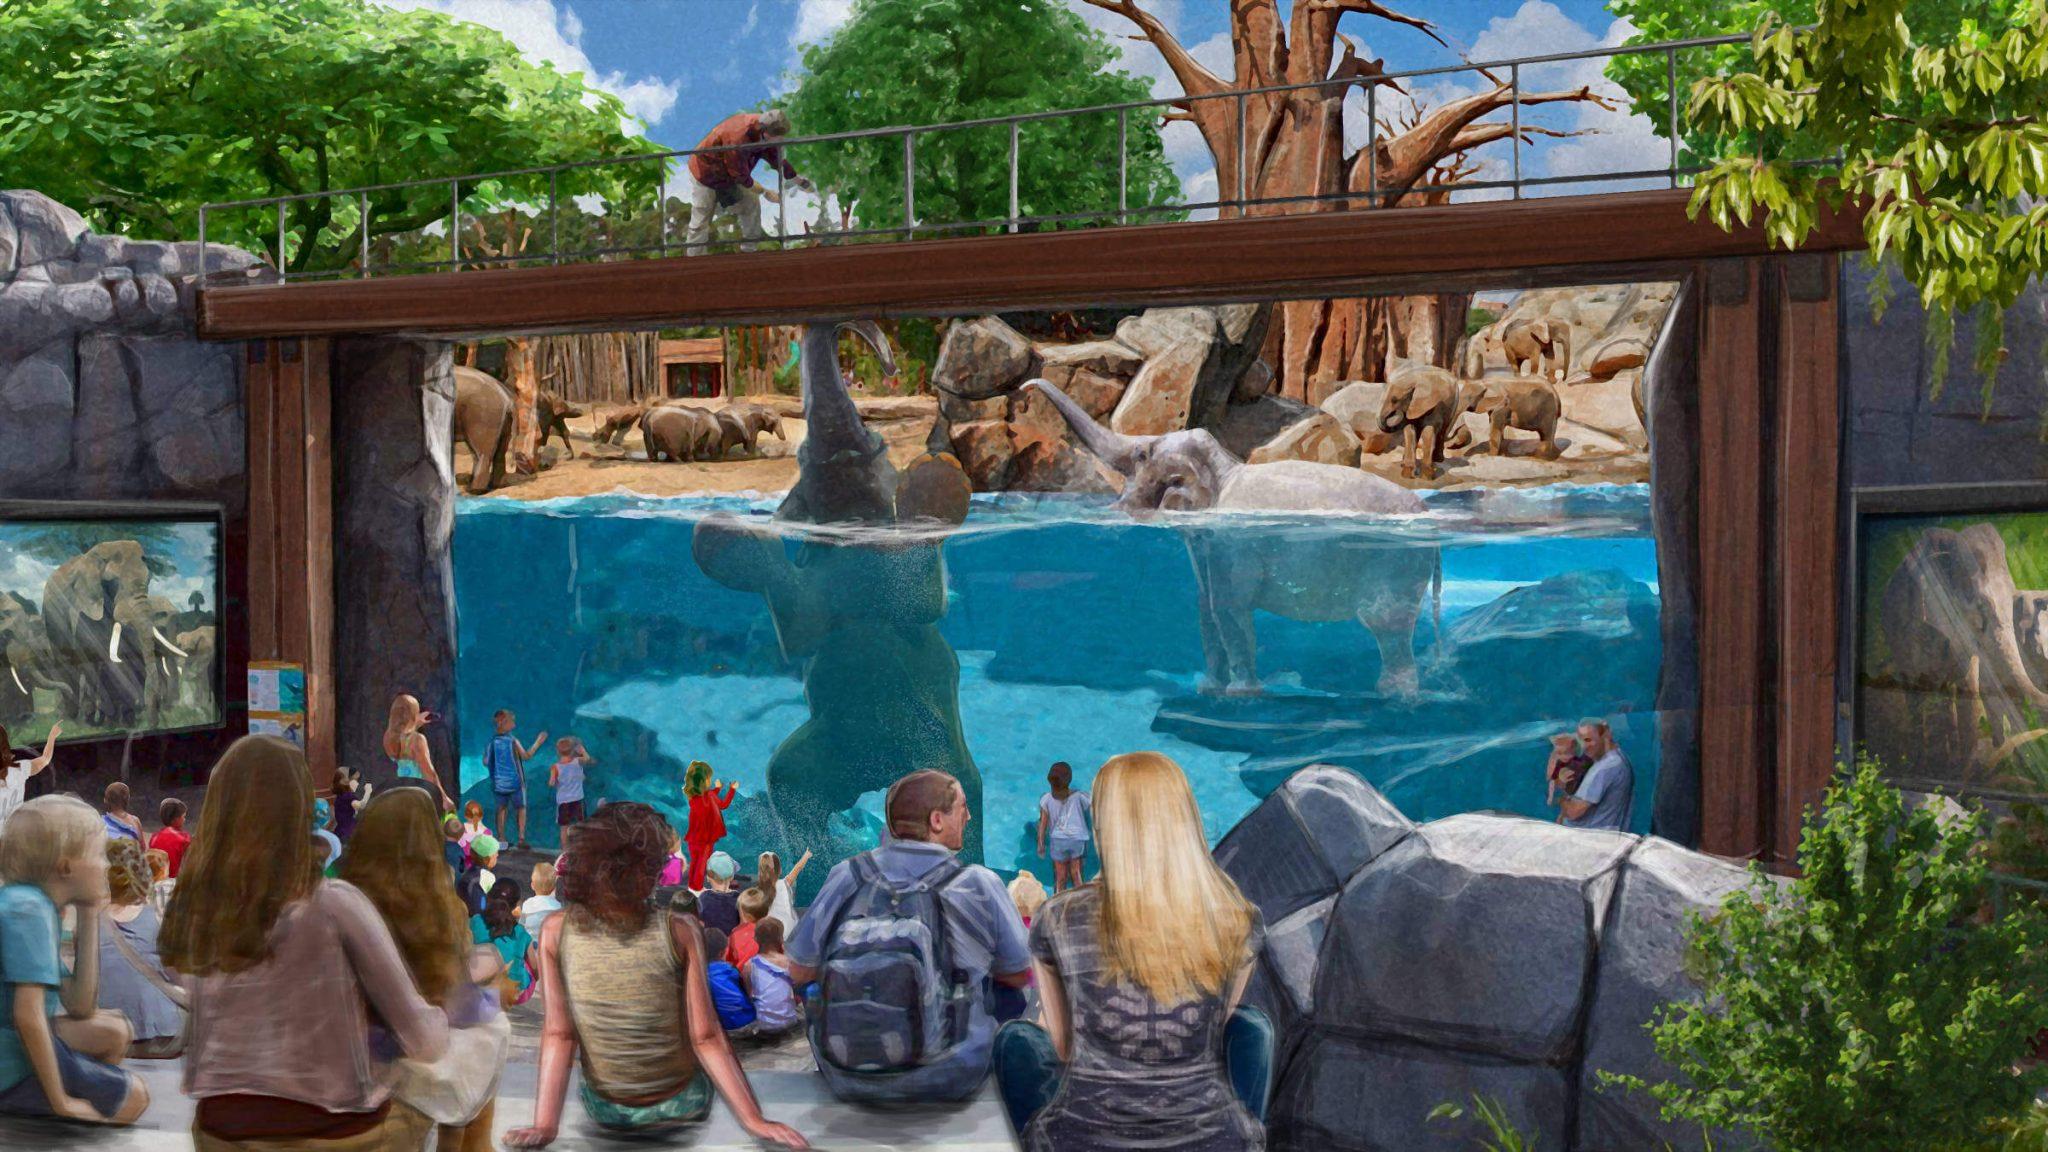 Zoológico do Rio vira BioParque fim enjaulamento animais